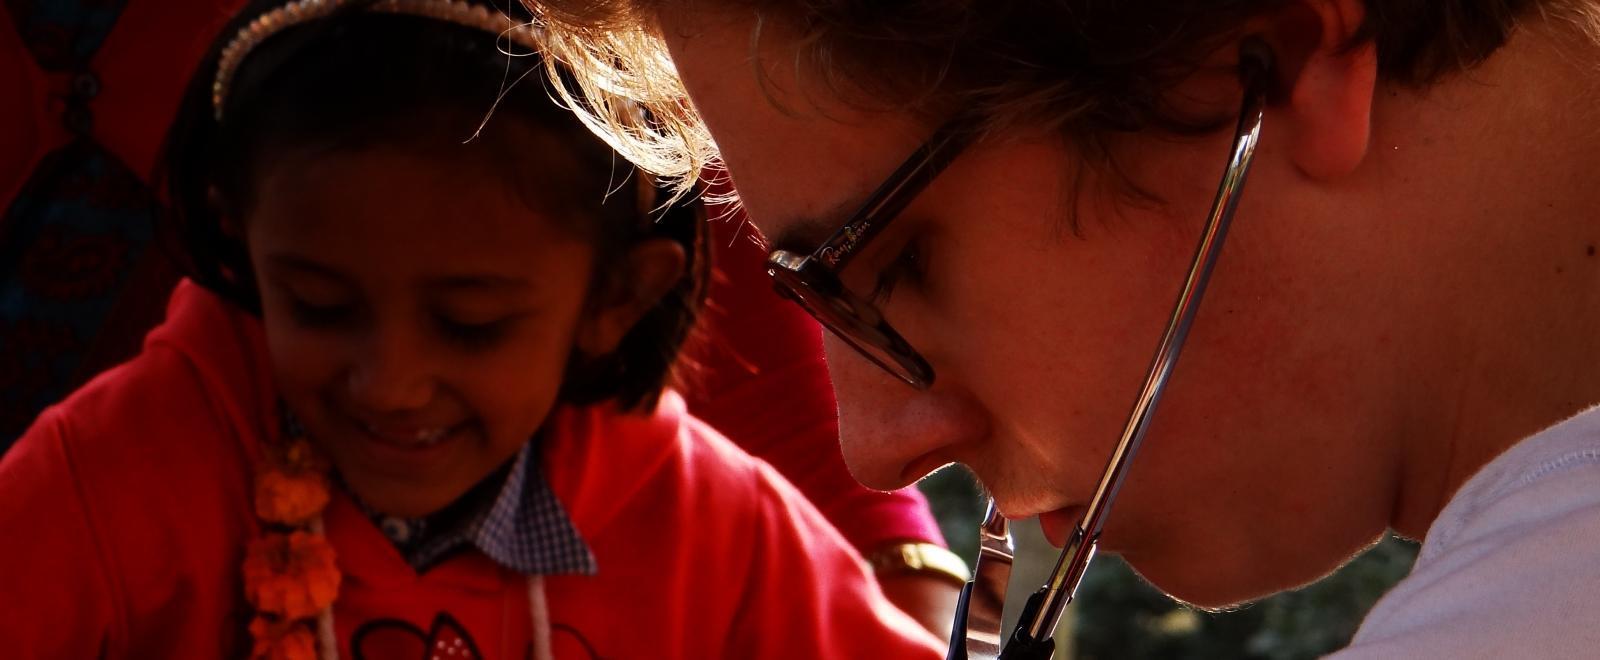 Enfermero interno en Nepal tratando a una niña pequeña.